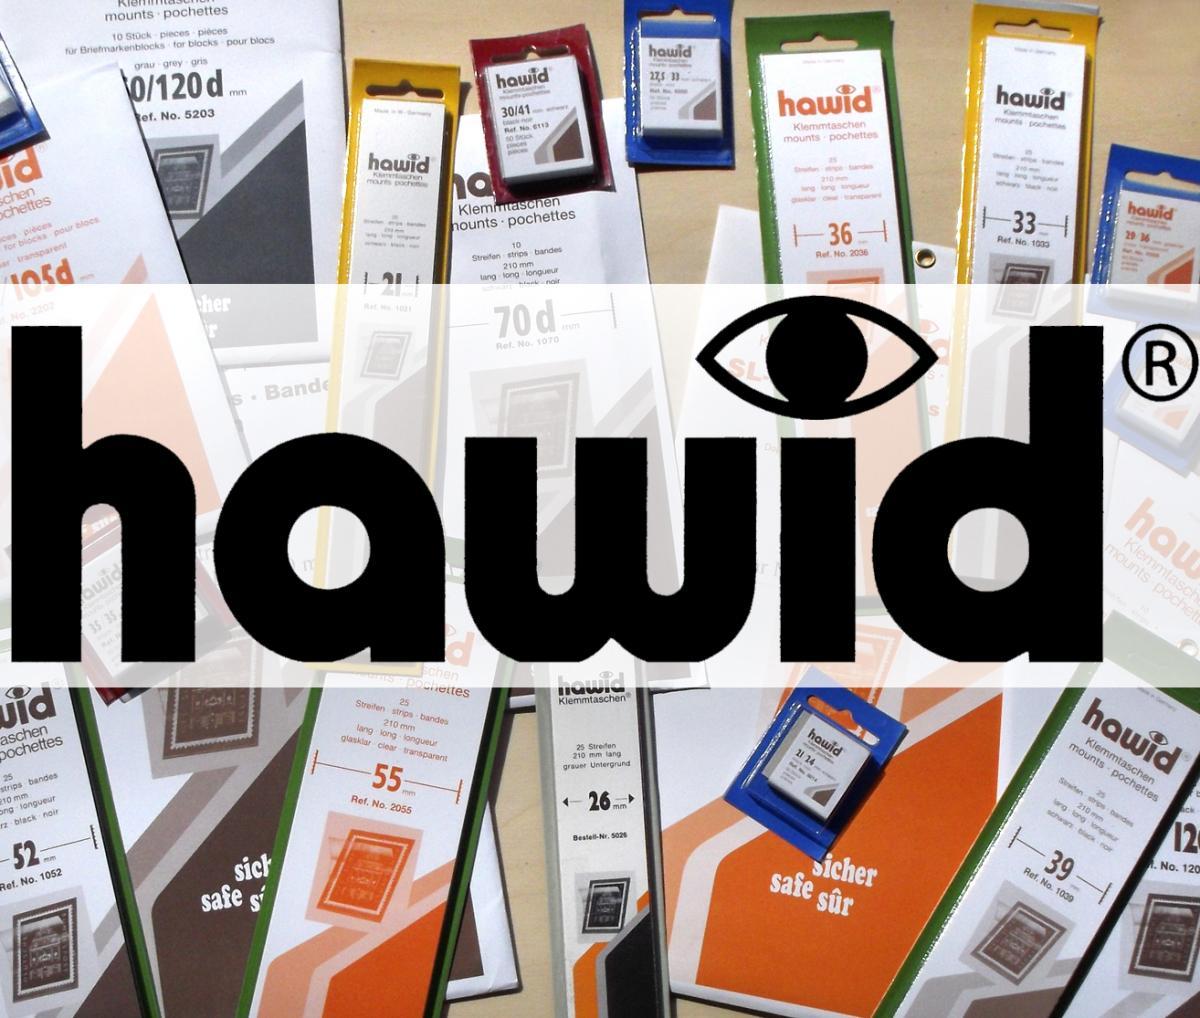 HAWID-Streifen 2058, 210 x 58 mm, glasklar, 10 Stück, d* (weiße Verpackung) 0